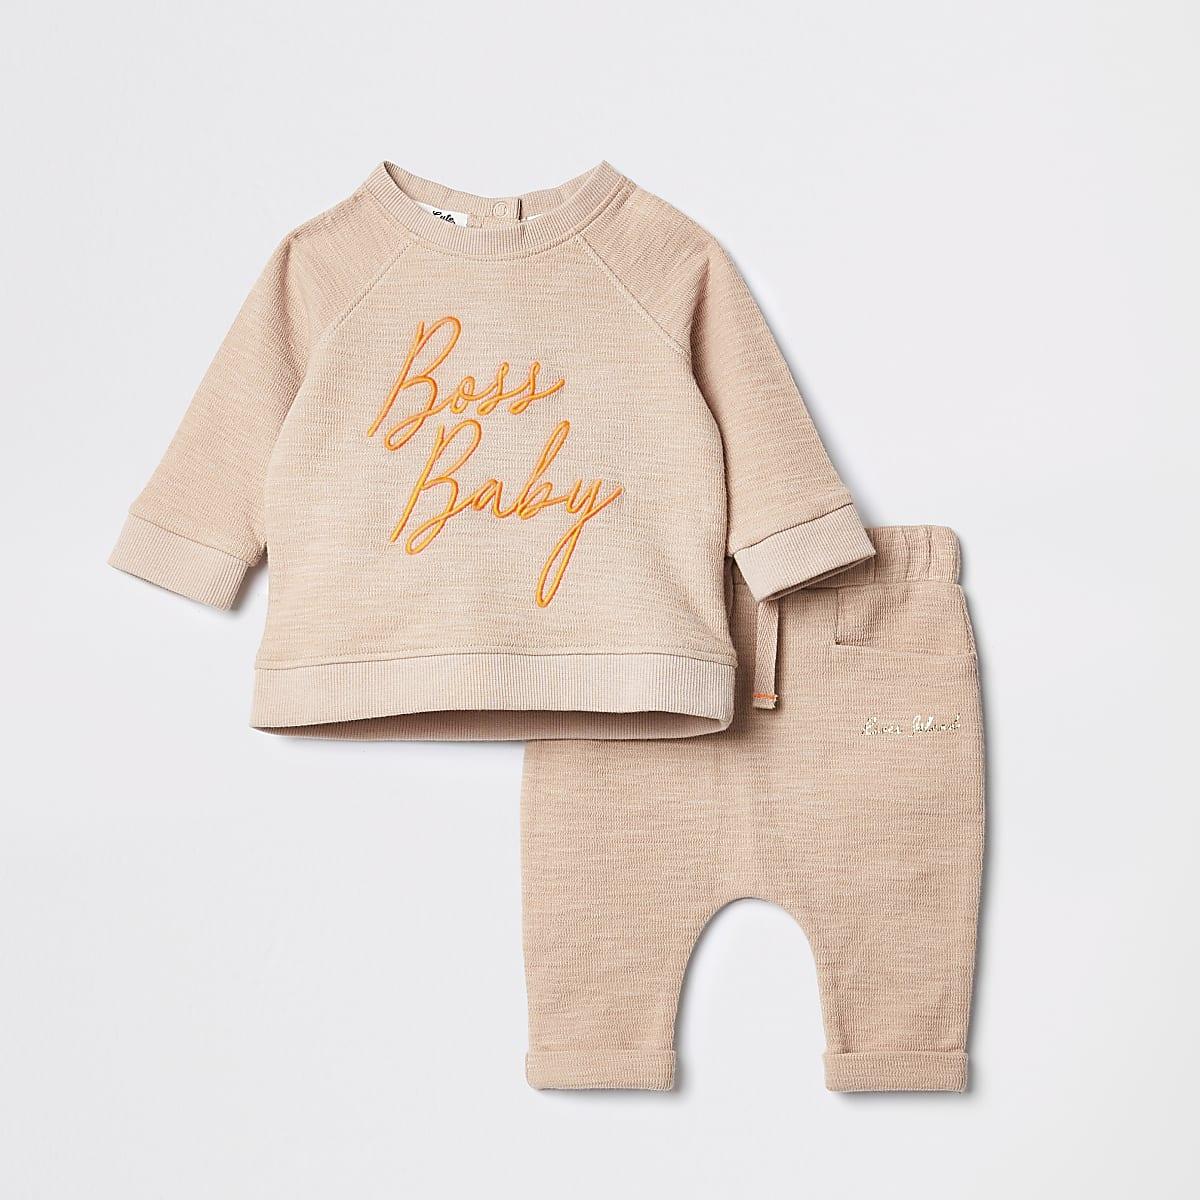 Bruine outfit met geborduurd sweatshirt voor baby's